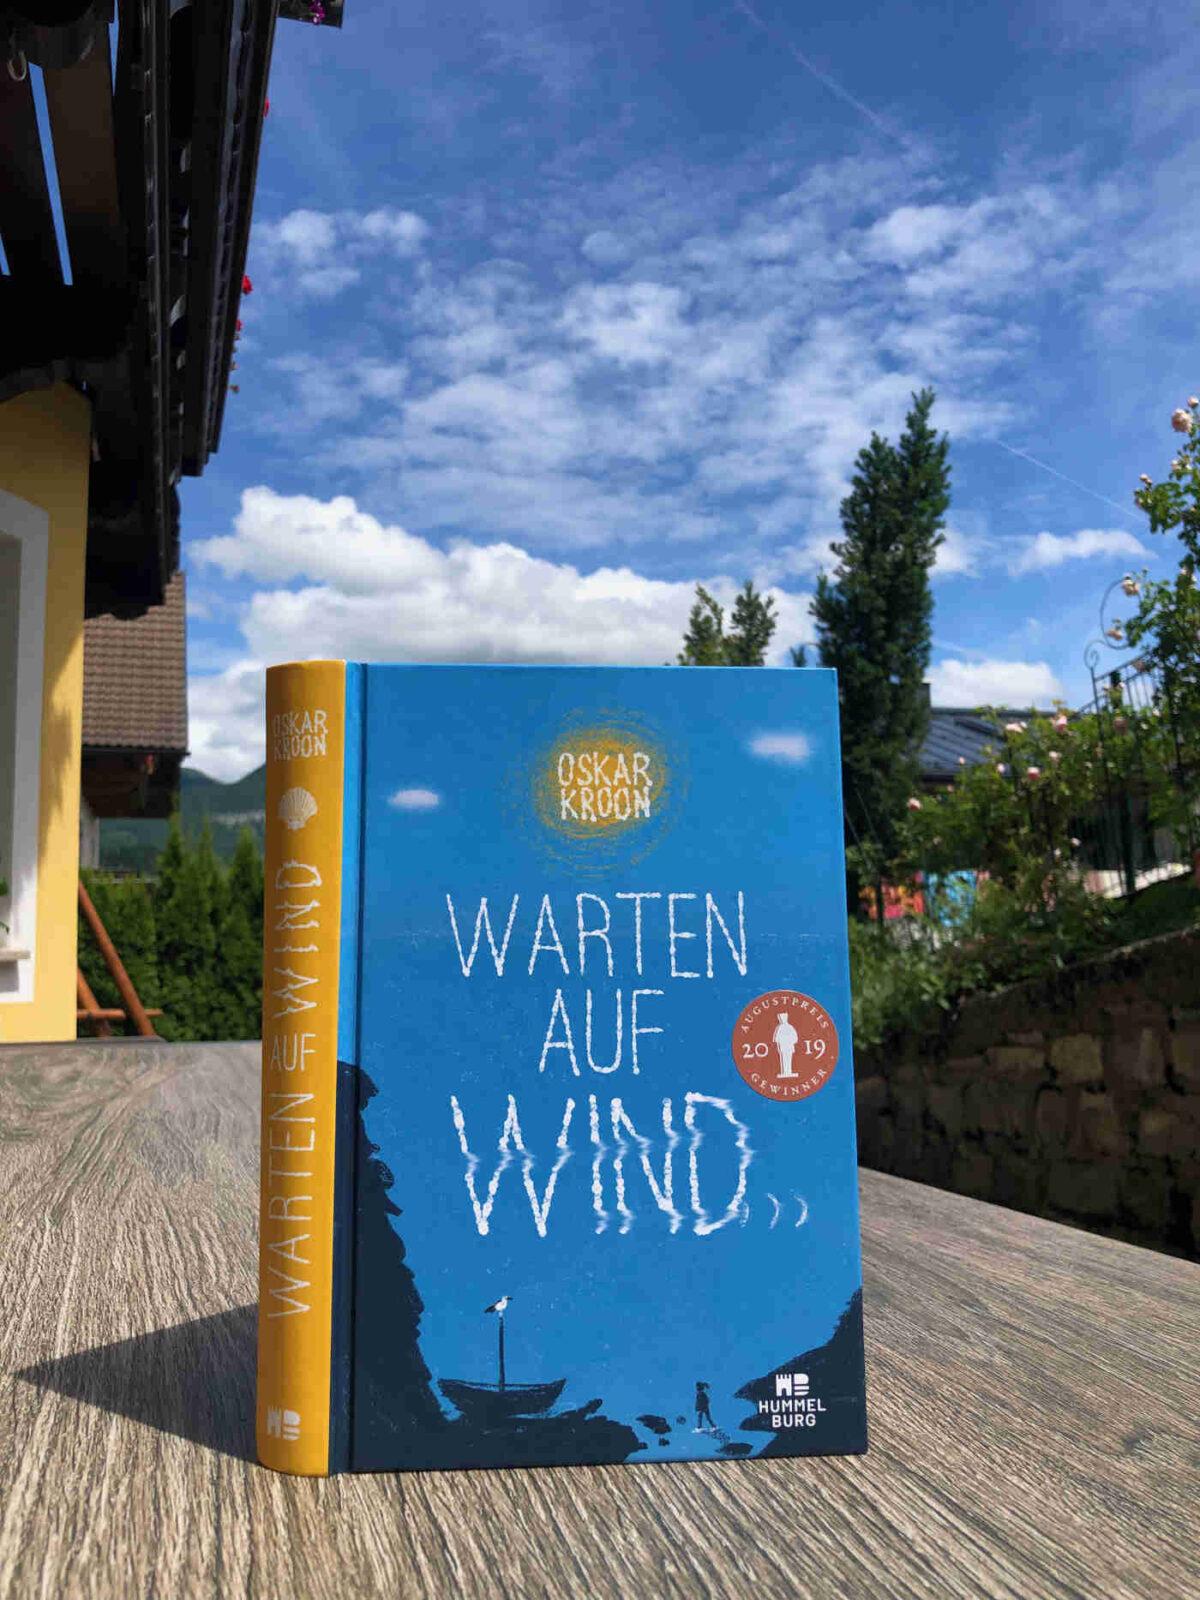 Ein wunderschönes Jugendbuch für den Sommer (und jede andere Jahreszeit!)